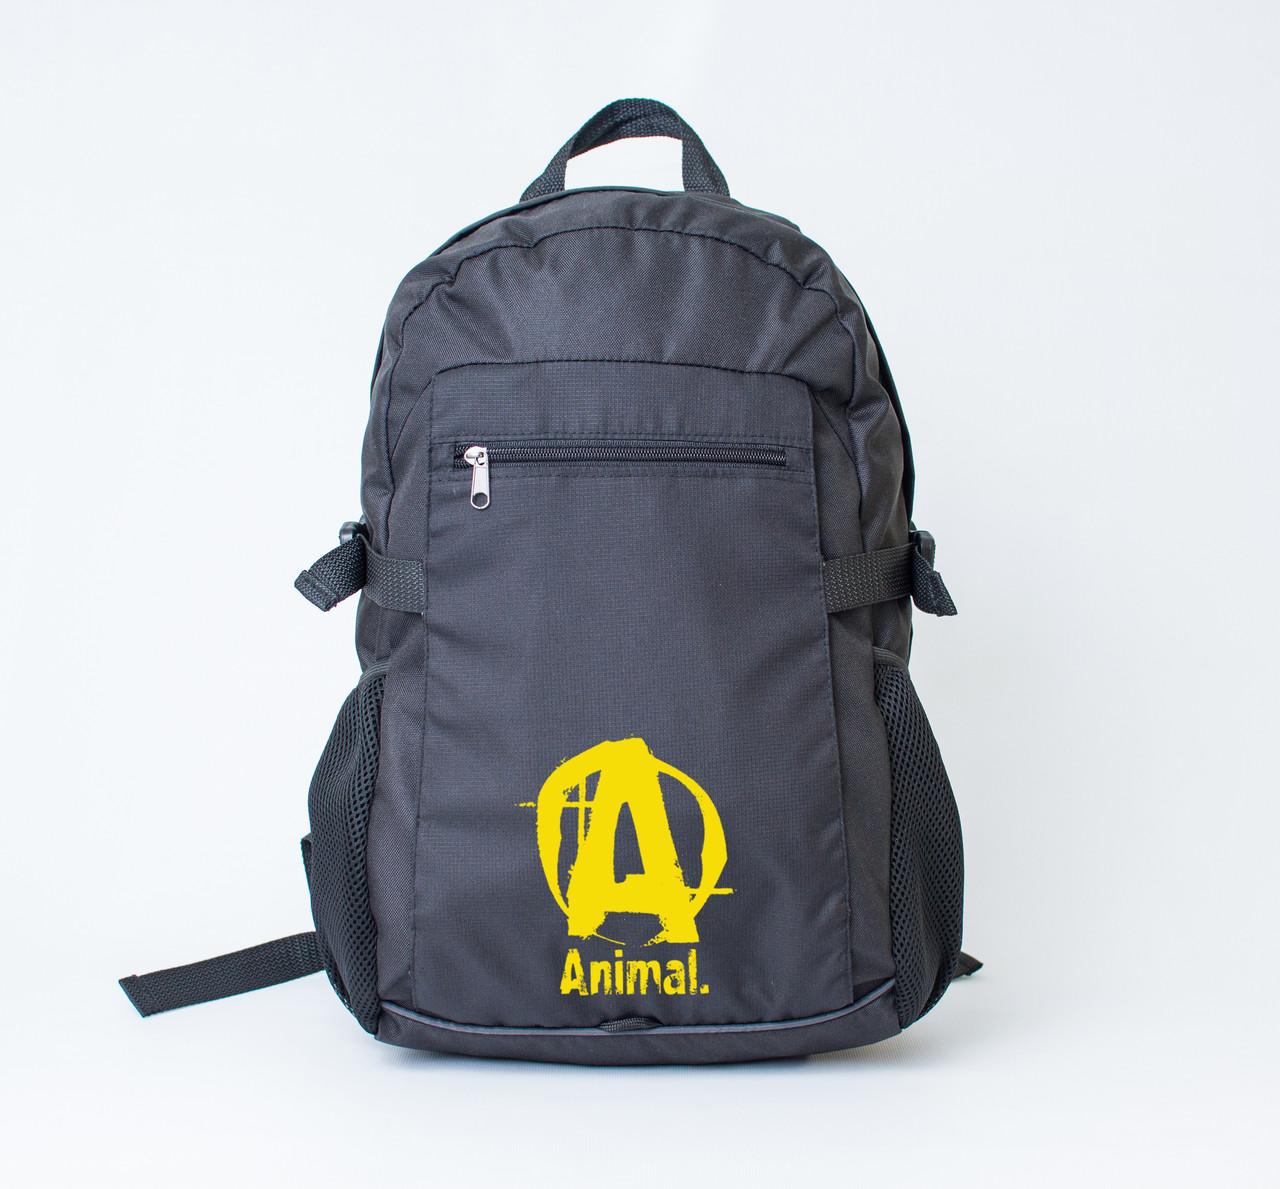 Рюкзак Animal-T yelow (реплика)